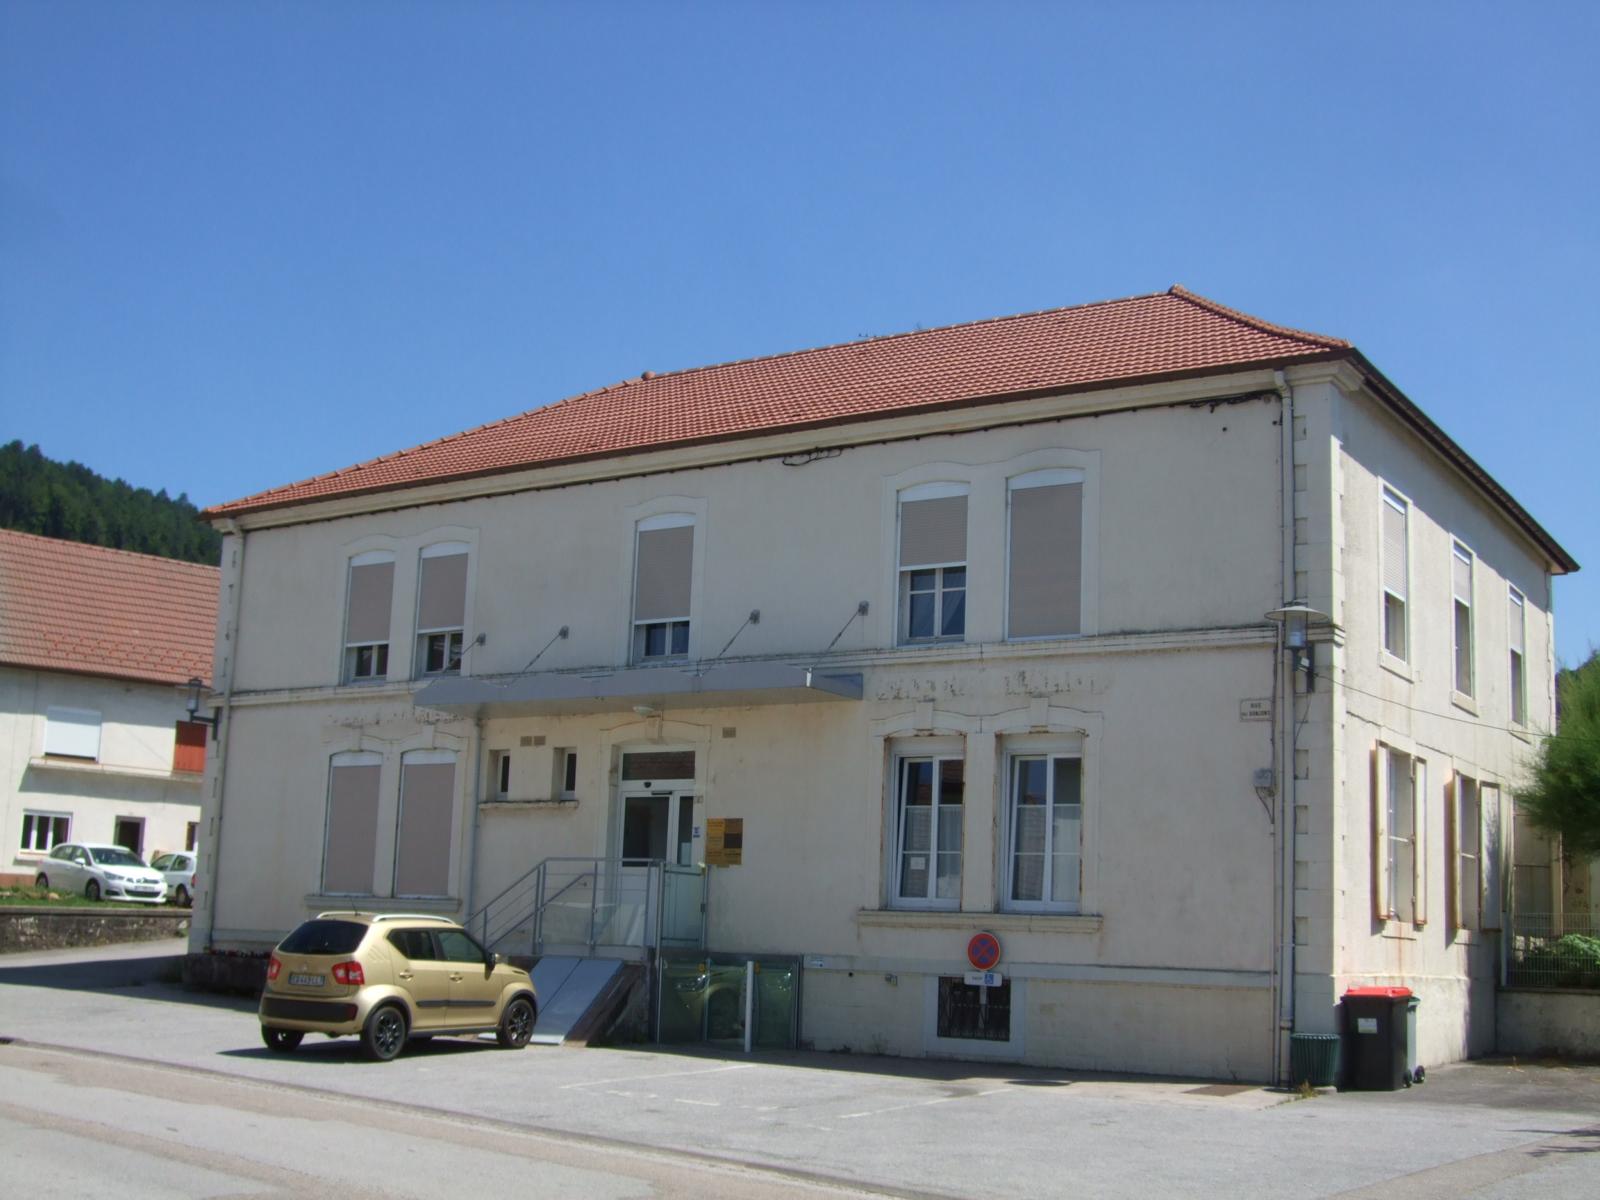 Eloyes - L'actuelle Maison médicale.